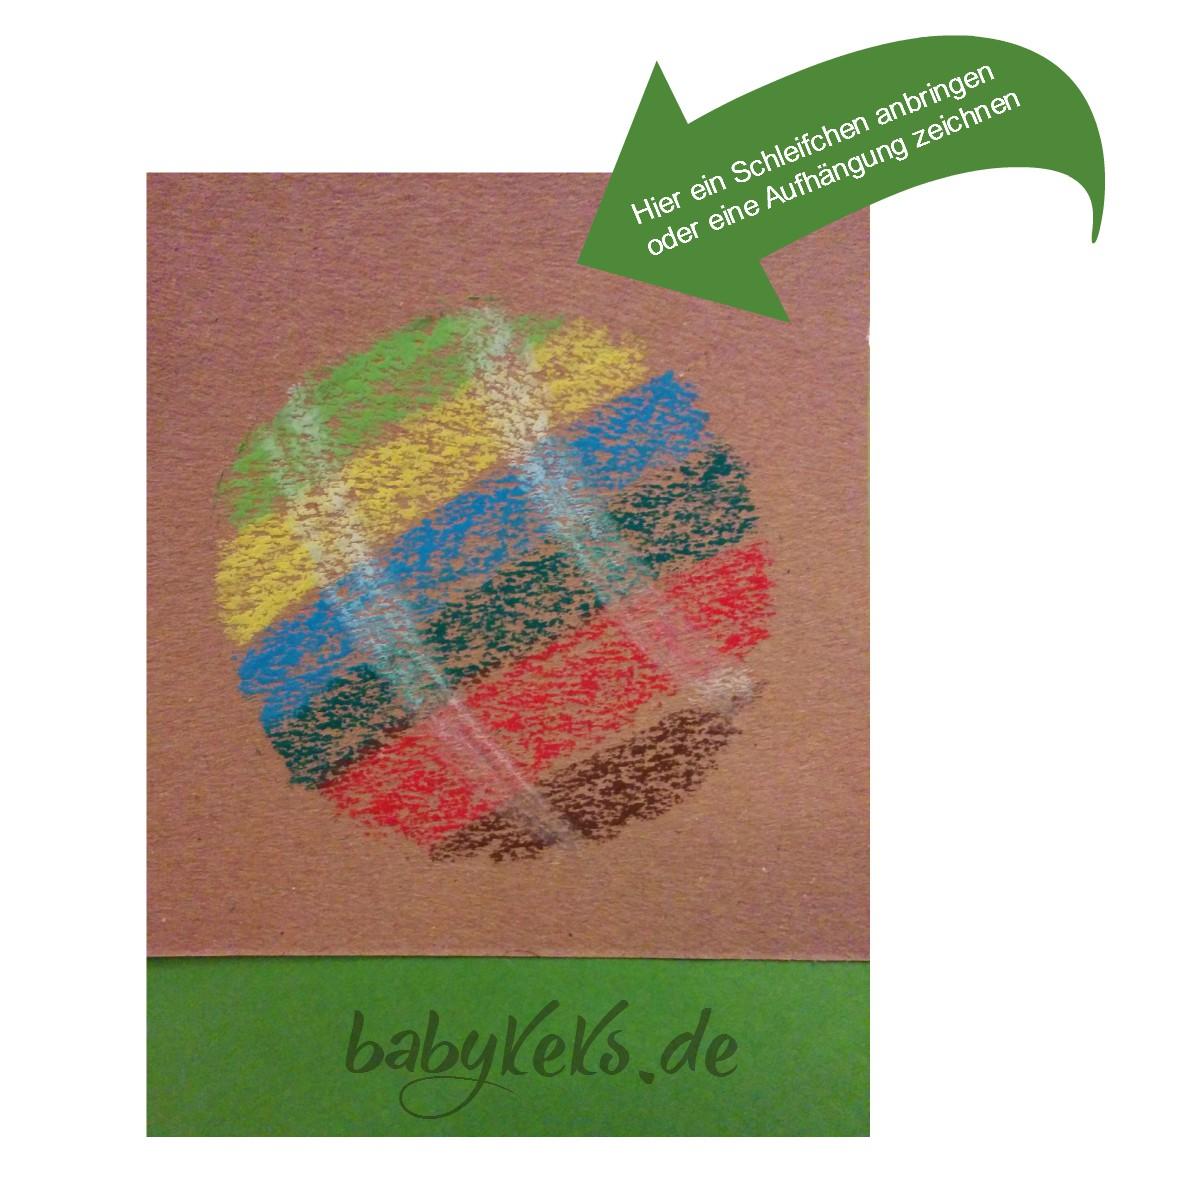 babykeks-de_weihnachtskarten_diy_gestaltungstipp